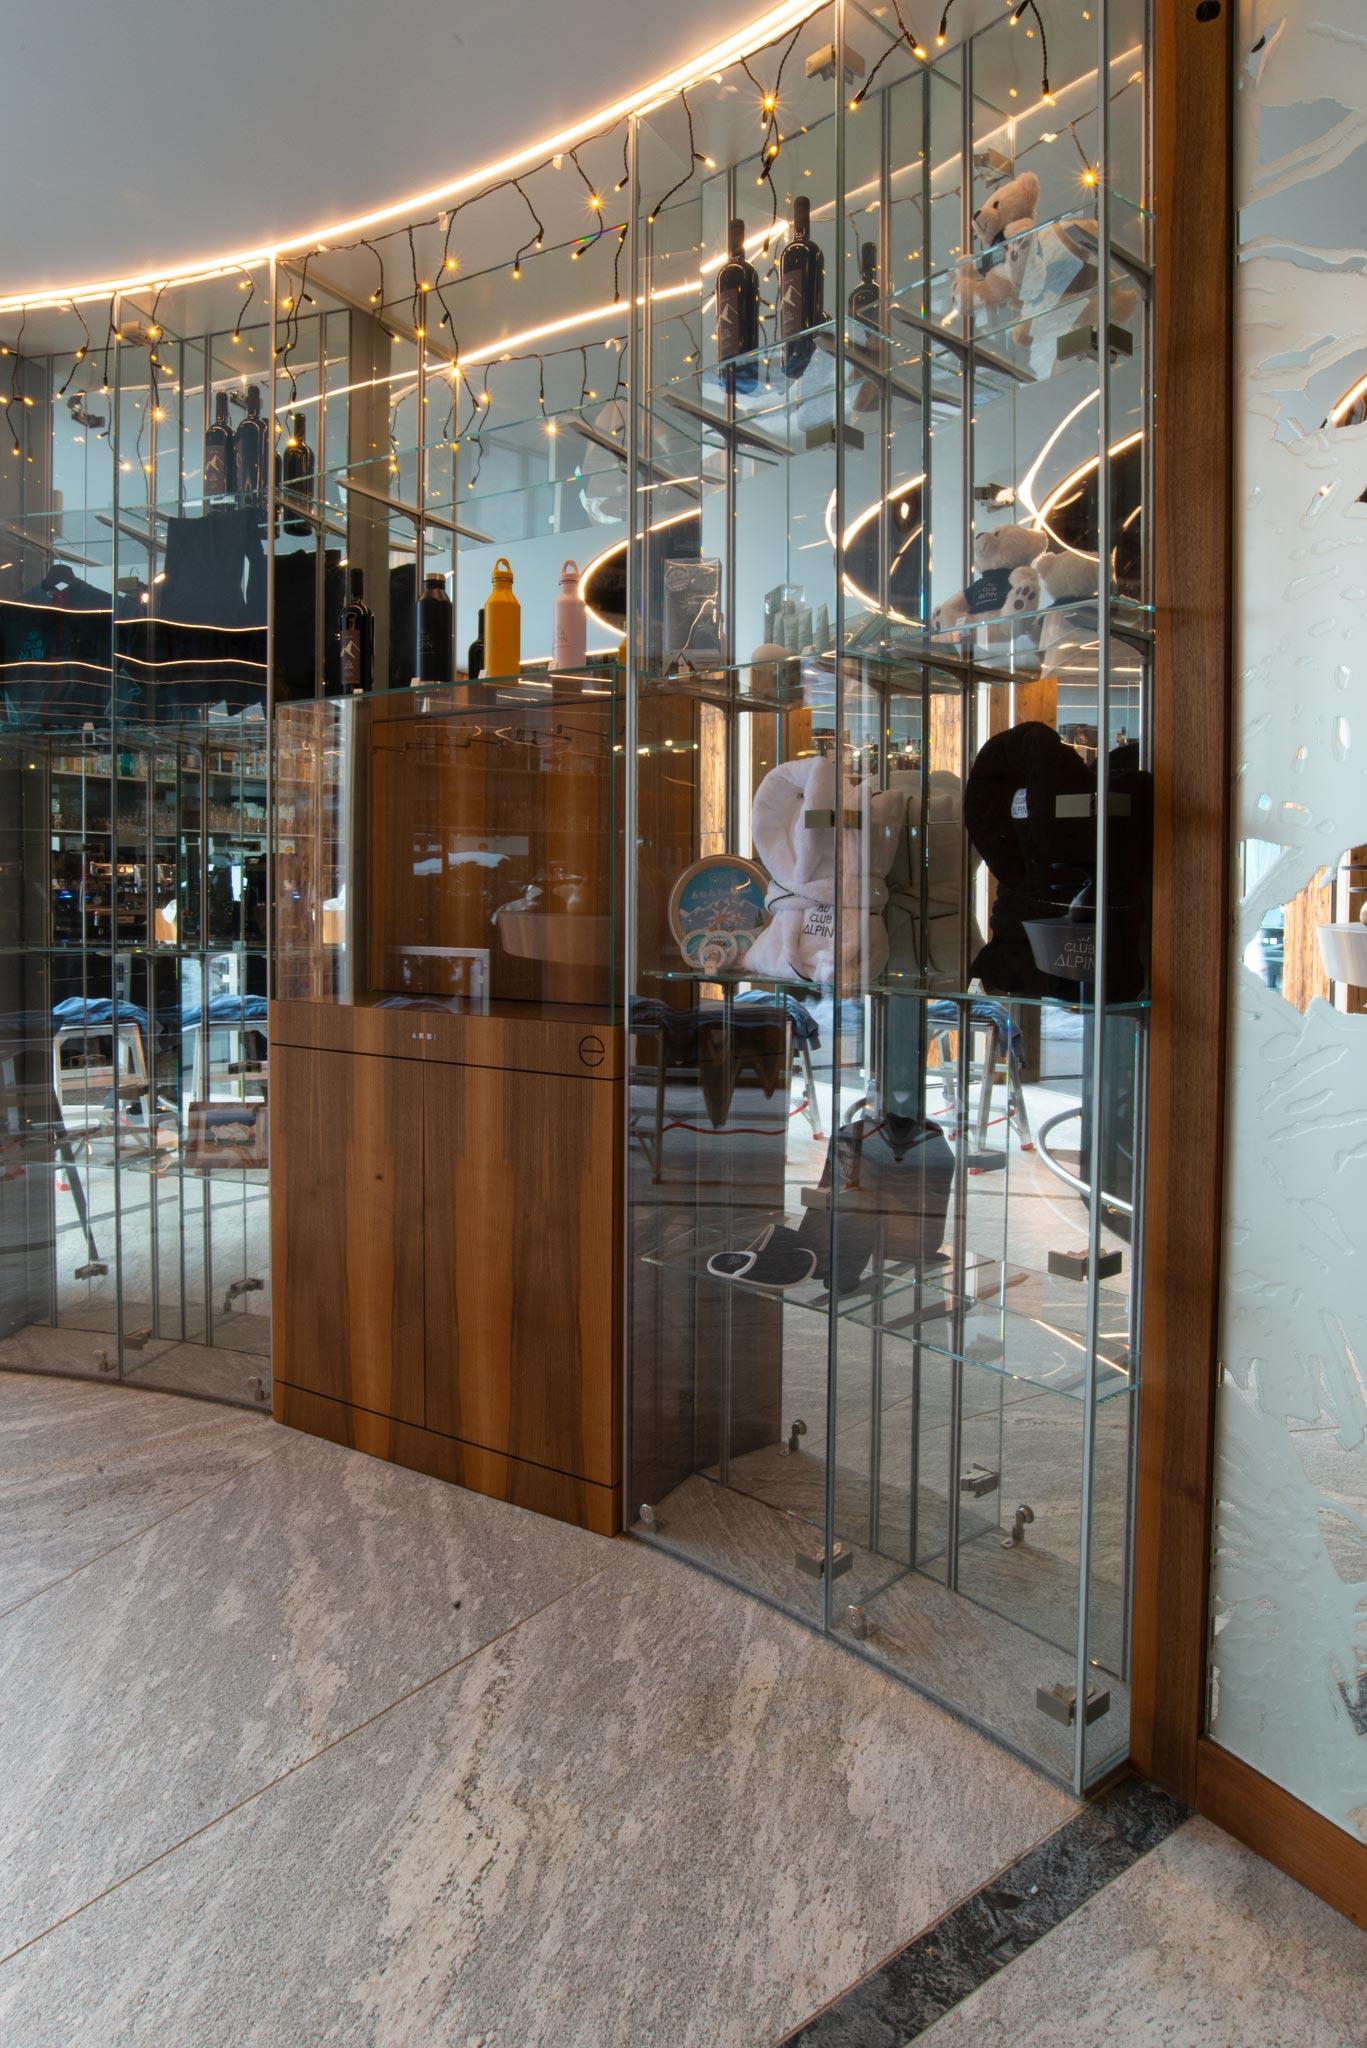 201216 ACA Bar hotel 001 - Bar le 1465 du Club Alpin